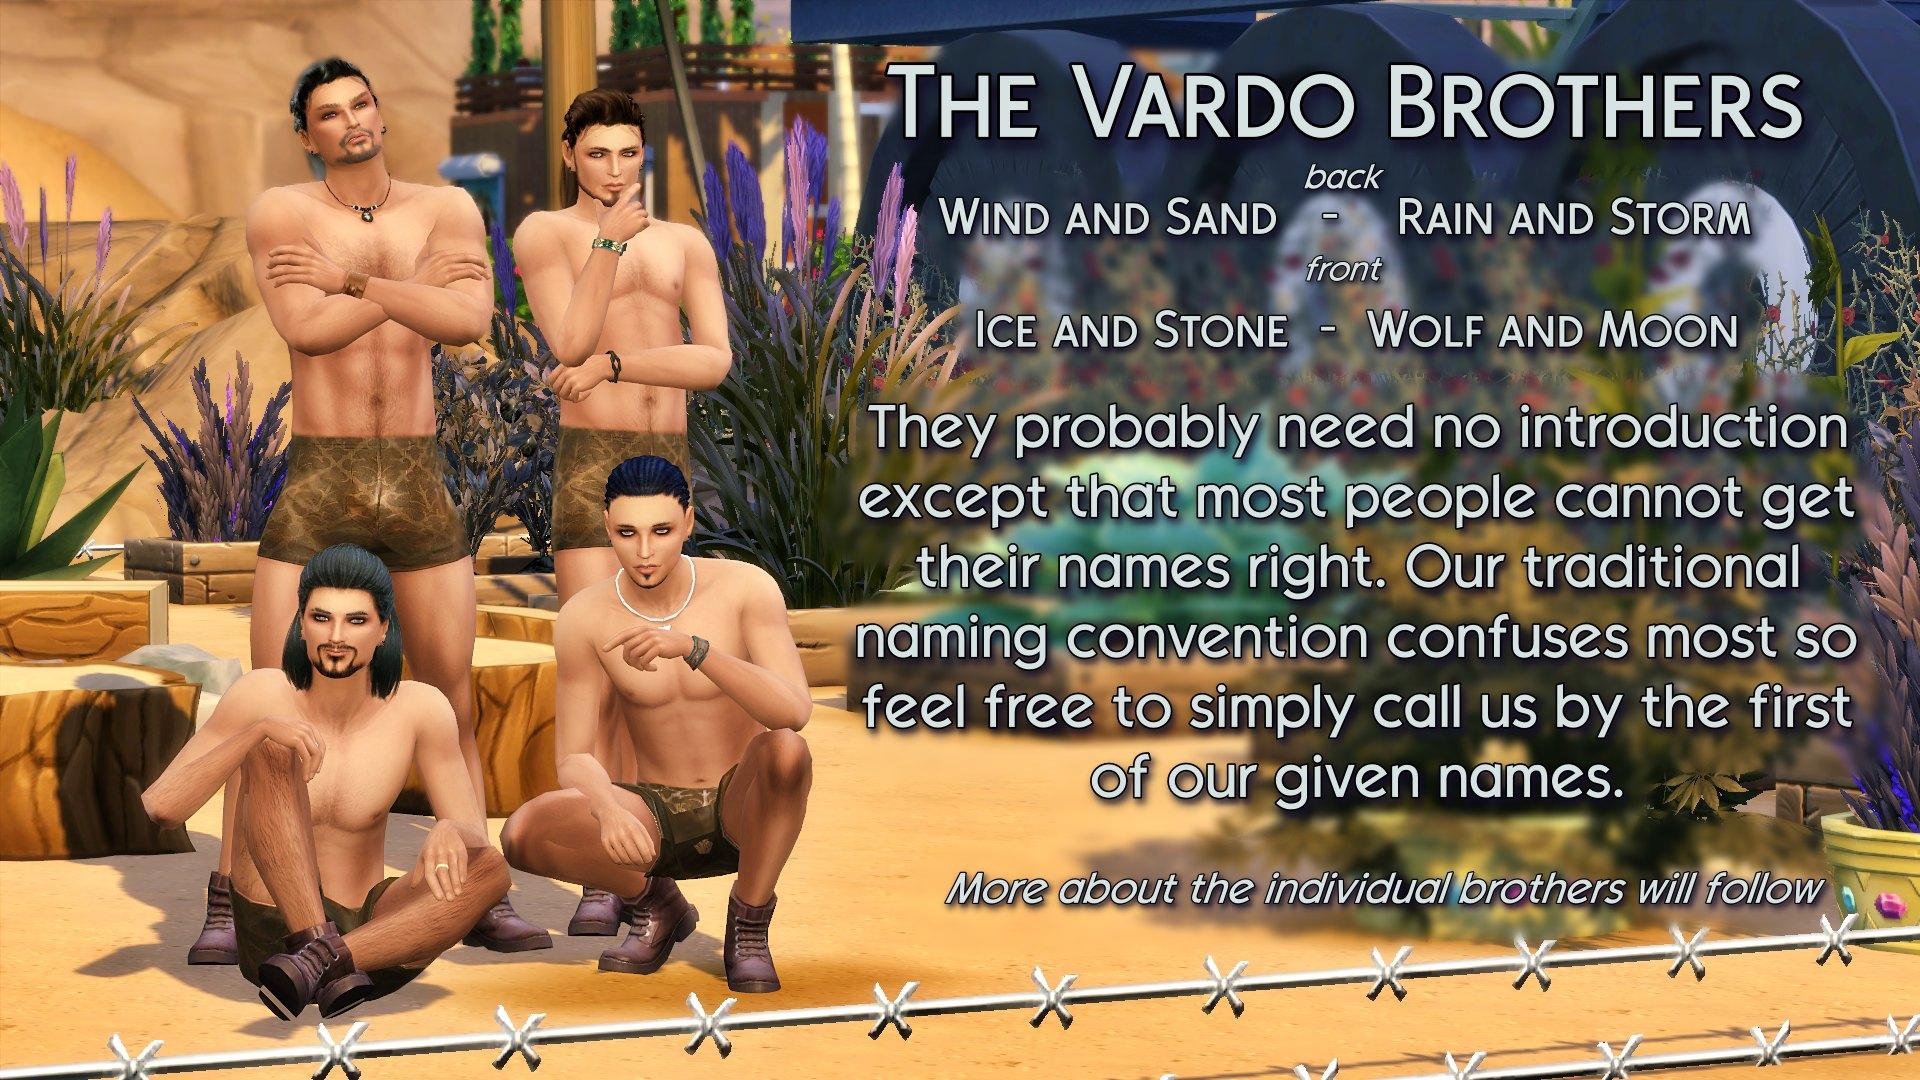 4 Vardo Brothers